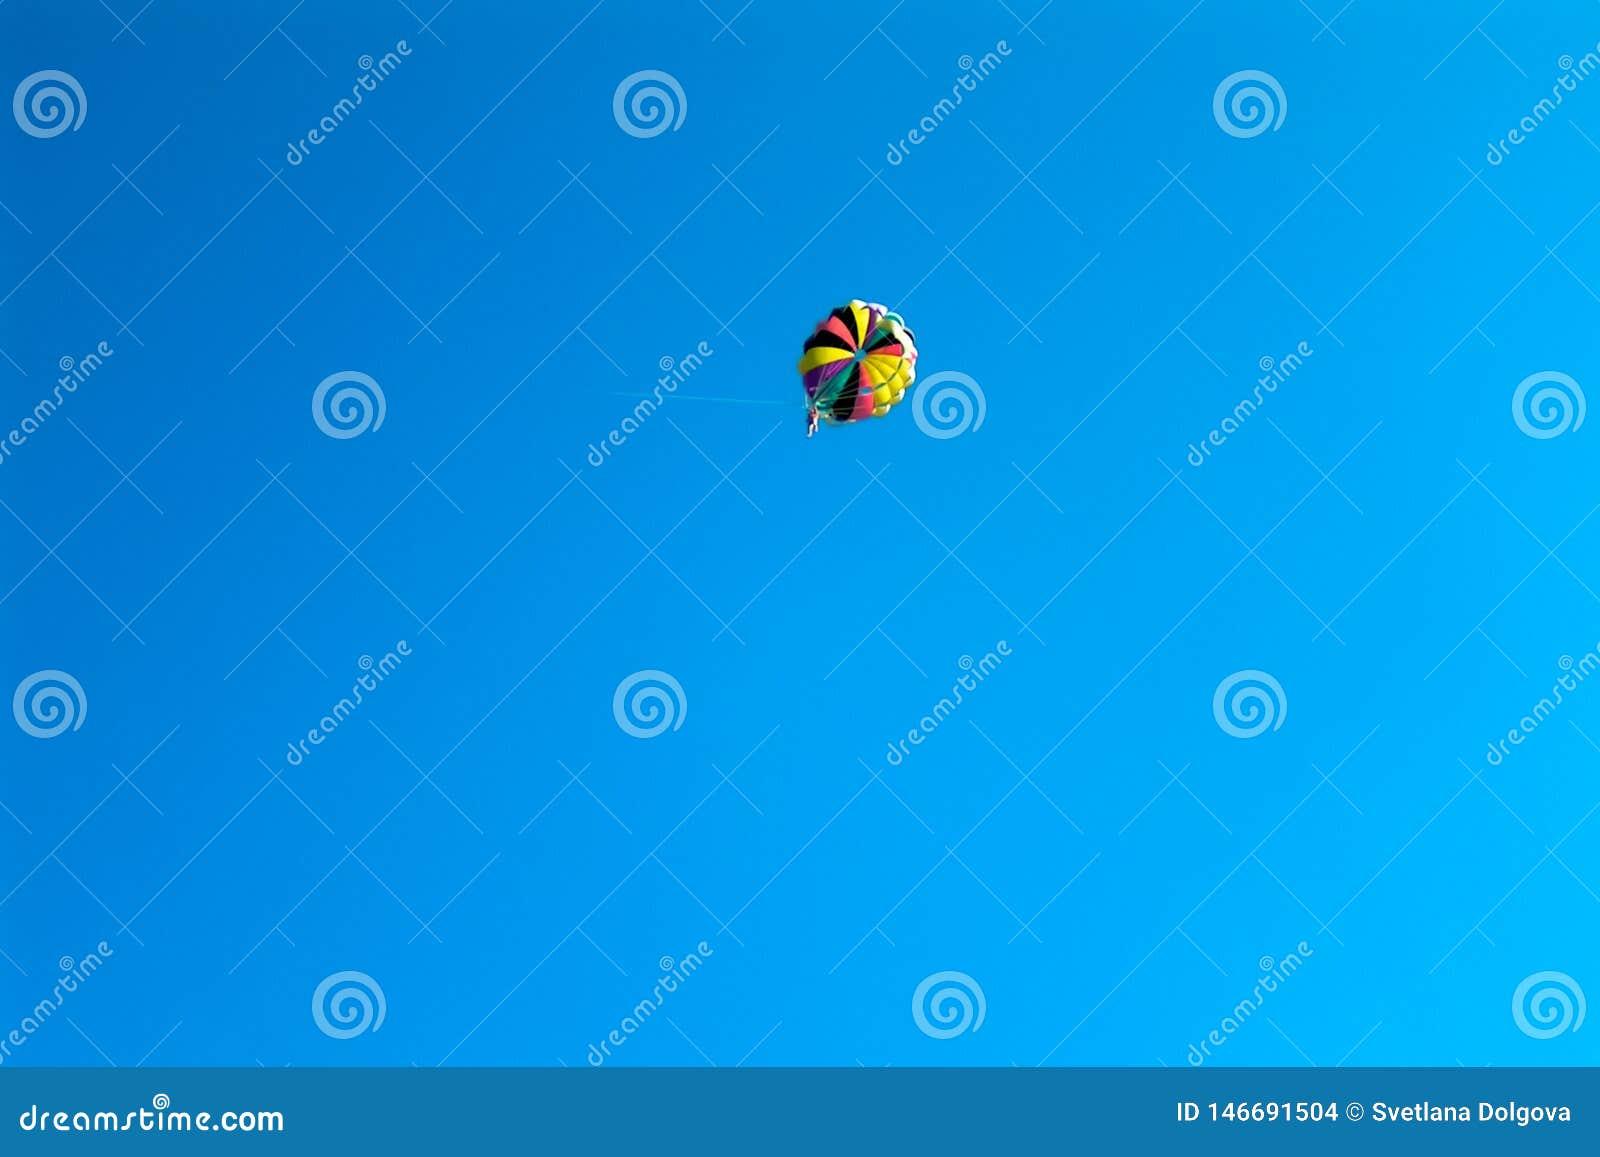 Volo del paracadutista sul paracadute colorato in chiaro cielo blu